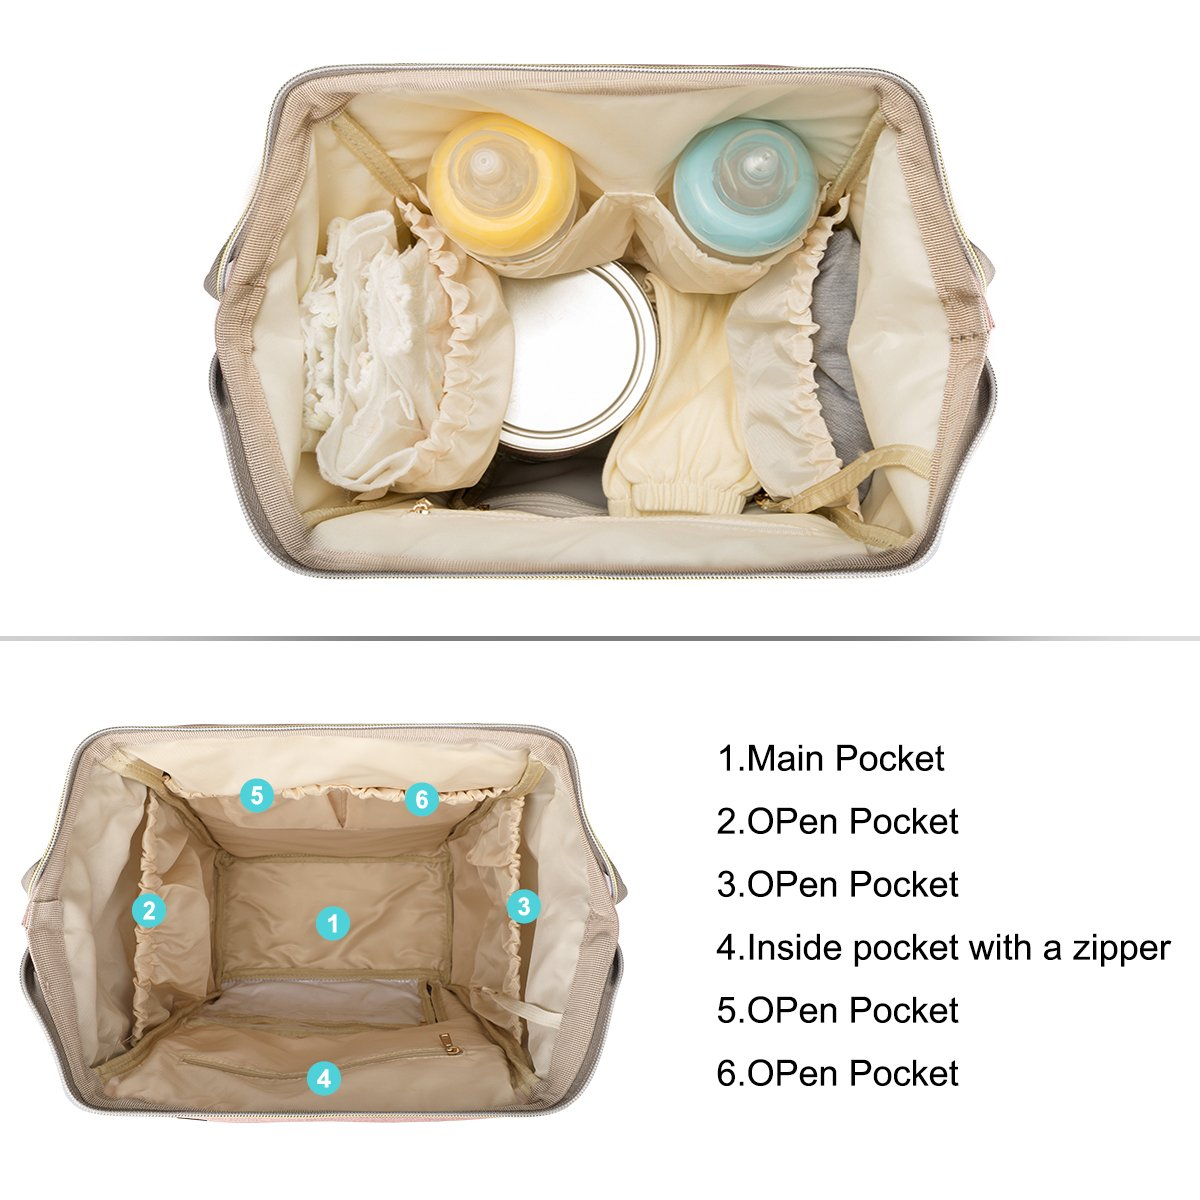 gro/ße Kapazit/ät Rucksack mit Kinderwagengurten Wickelunterlage und isolierter Flaschentasche f/ür M/ütter und V/äter S-Zone Multifunktionale Wickeltasche